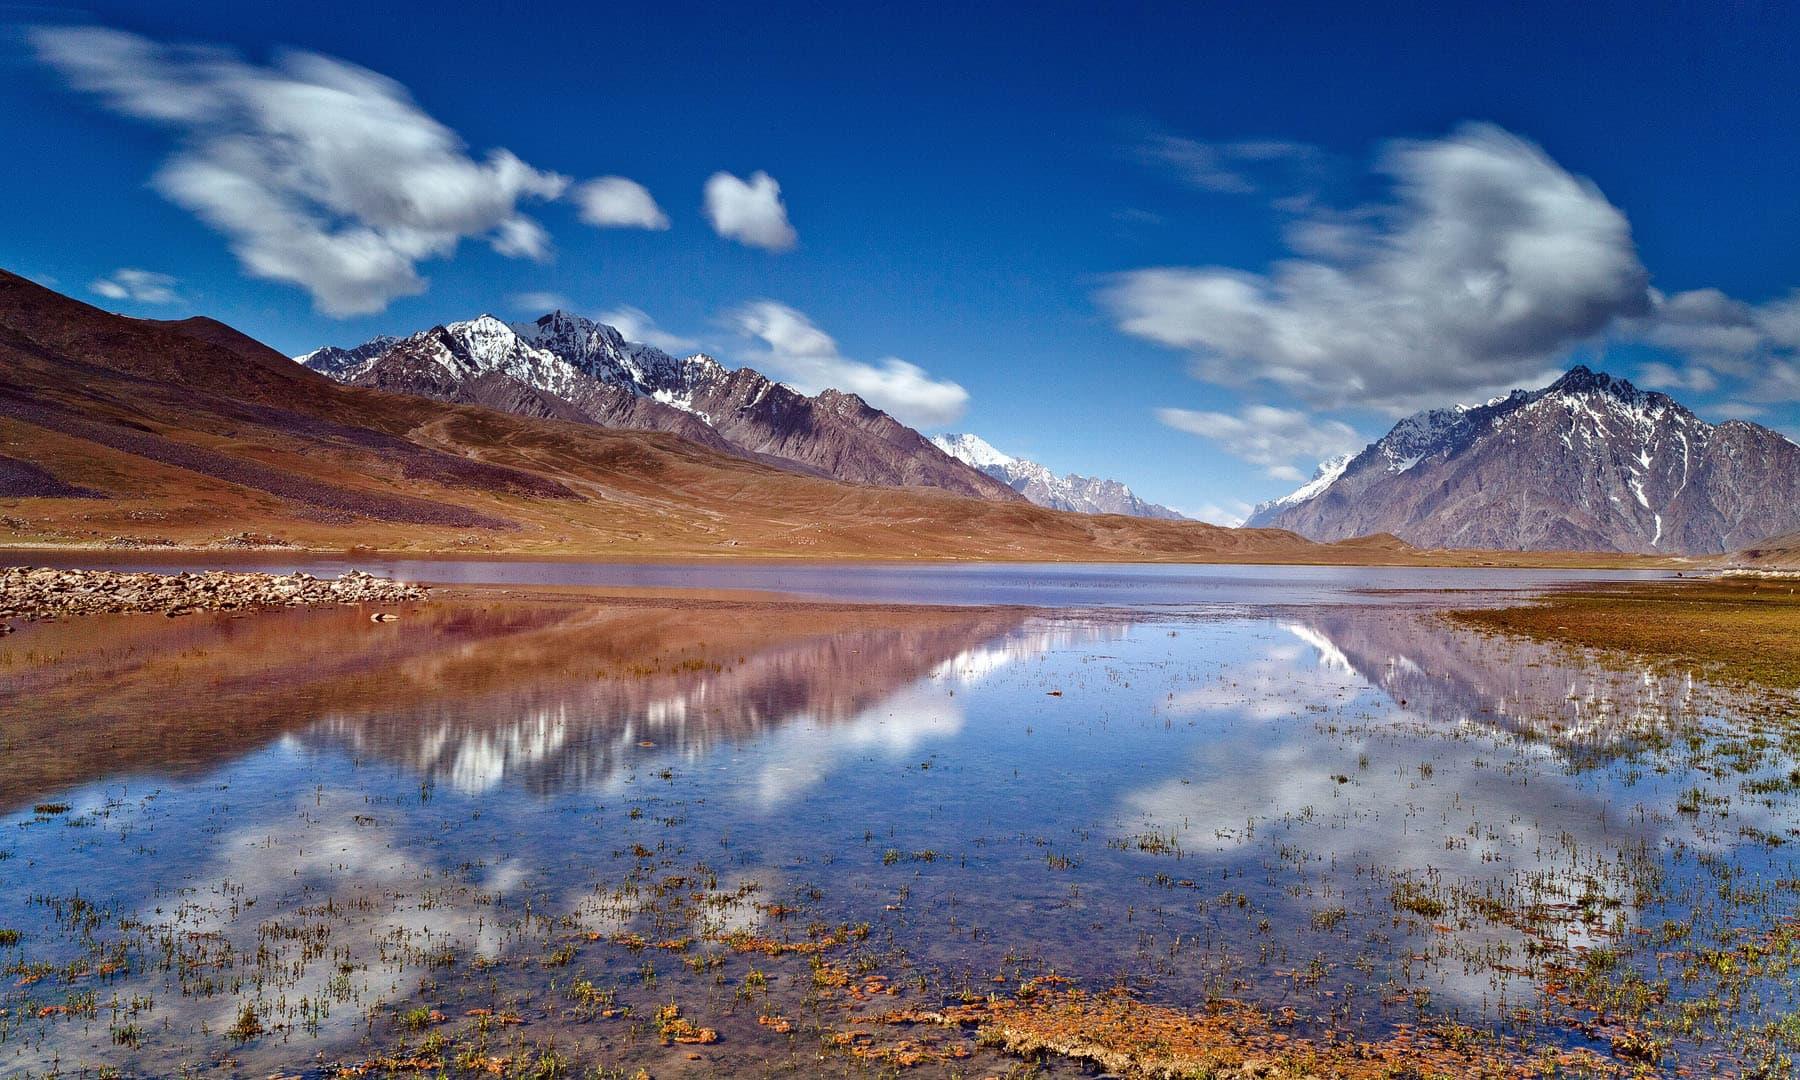 شندور جھیل—سید مہدی بخاری